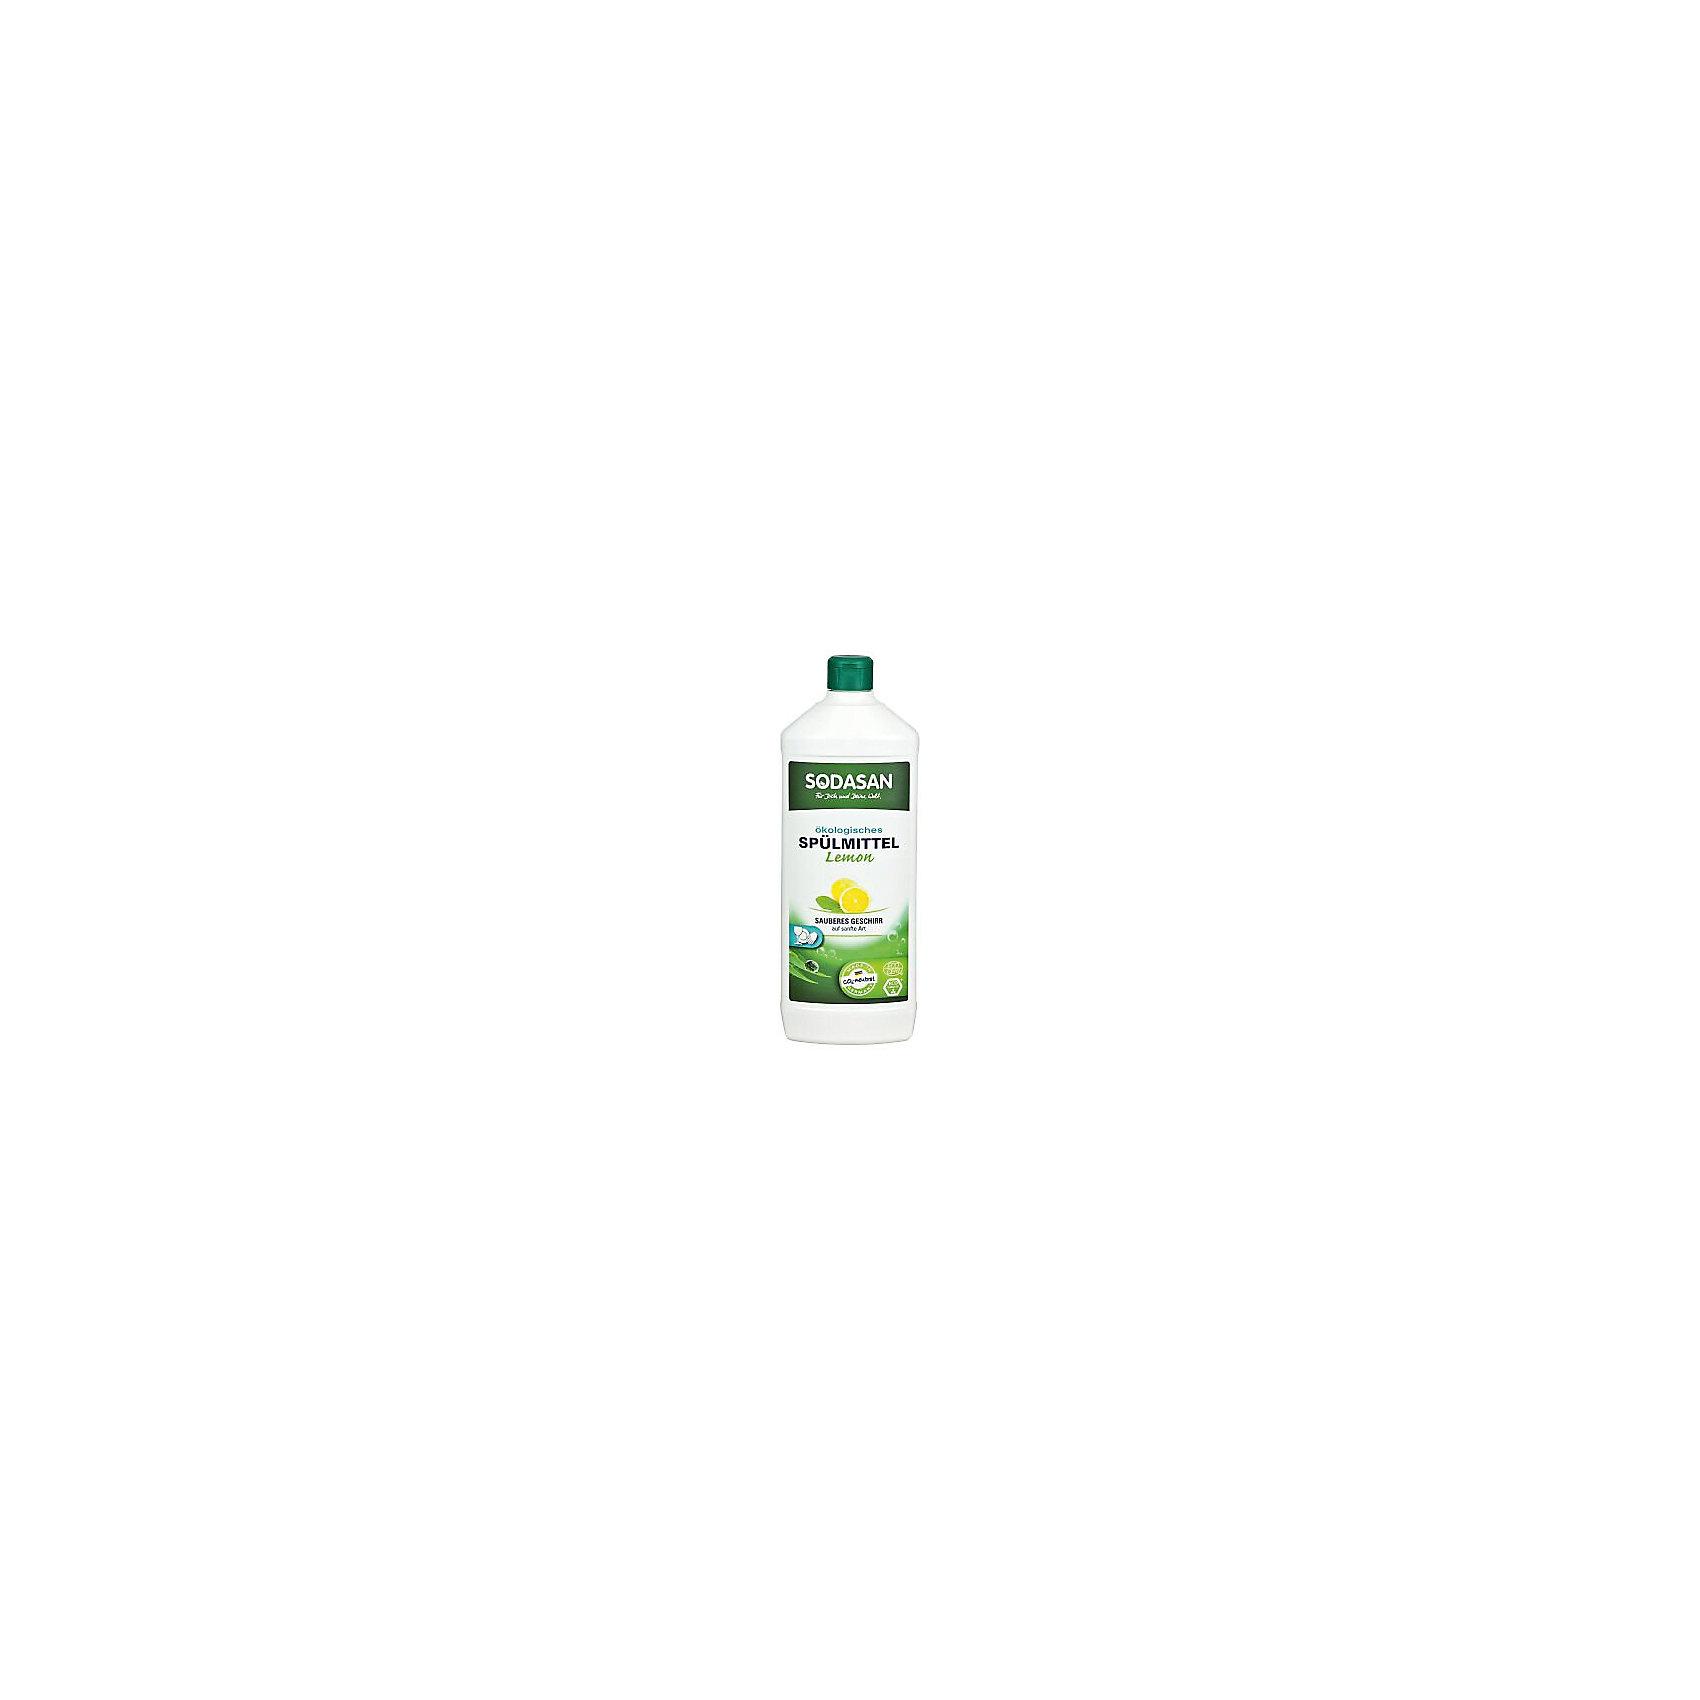 Средство для посуды с лимоном 1л, SodasanБытовая химия<br>Качественно и безопасно моет посуду без лишних усилий! <br>Быстро удаляет загрязнения и жир! <br>Придаёт посуде блеск и не оставляет разводов. <br>В состав входят только безопасные растительные ингредиенты органического происхождения. <br>Специальная формула защищает Ваши руки от пересыхания и делает их мягкими на ощупь. <br>Экономично в использовании!<br> <br>SODASAN Органическое Универсальное средство мытья для посуды с Лимоном.<br>Универсальна для безопасного очищения! Можно использовать для мытья кастрюль, плиты, любых поверхностей на кухне и в доме. Может справиться с сильными загрязнениями, засохшими остатками пищи и жиром. <br>Способ использования: нанесите на губку и протрите загрязненные поверхности. Смойте водой.<br><br>Ширина мм: 250<br>Глубина мм: 100<br>Высота мм: 250<br>Вес г: 1000<br>Возраст от месяцев: 216<br>Возраст до месяцев: 1188<br>Пол: Унисекс<br>Возраст: Детский<br>SKU: 5407621